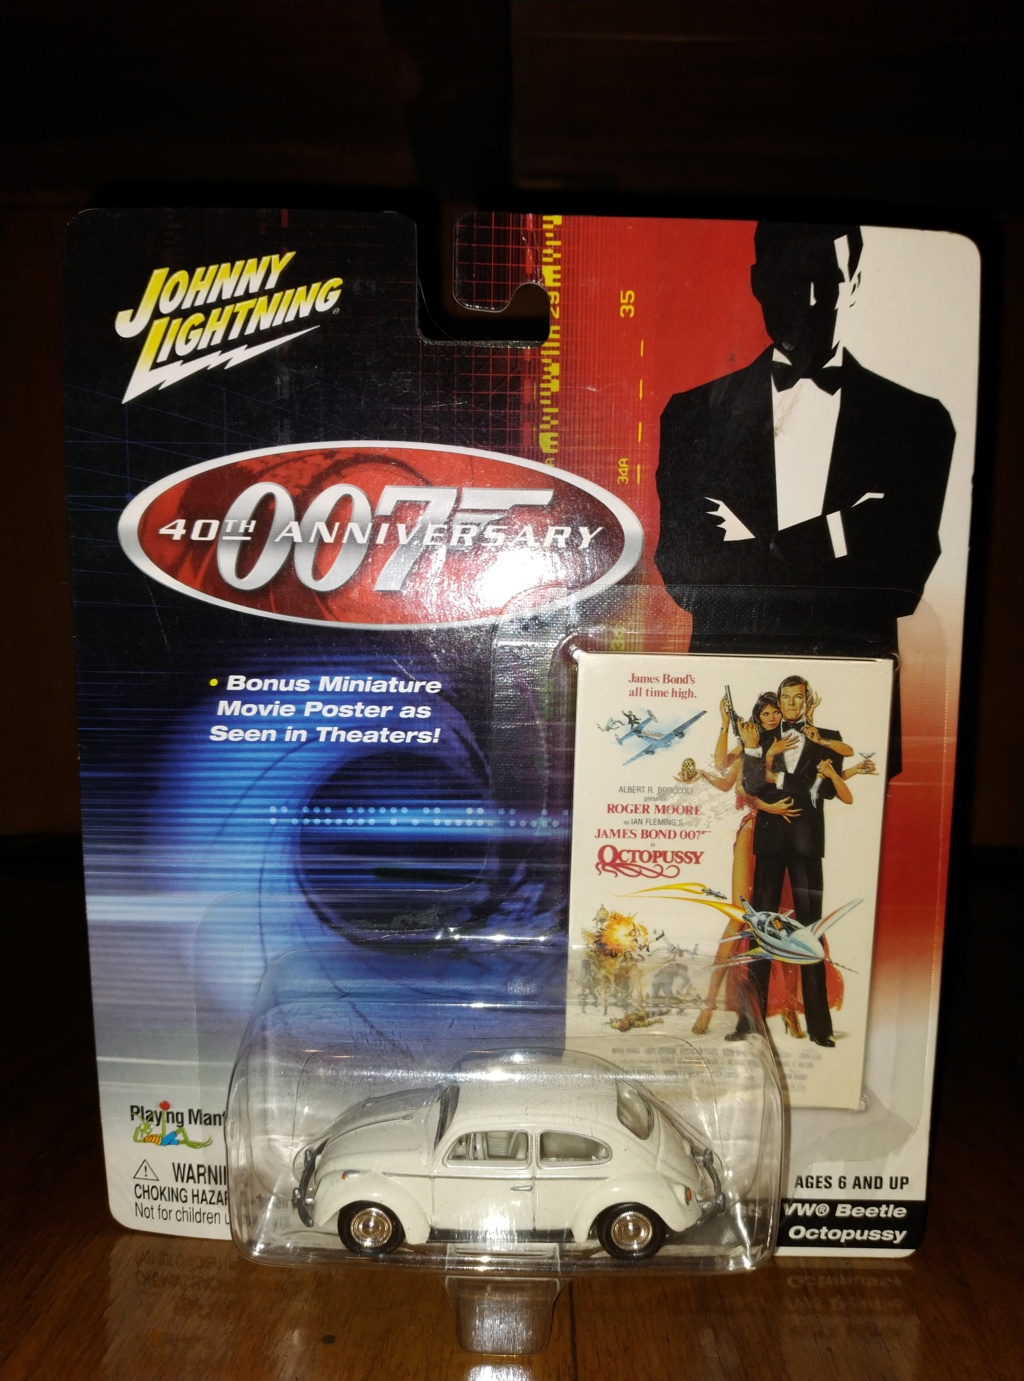 James Bond Agente 007 (collezione di spezialagent) - Pagina 2 Img_2033